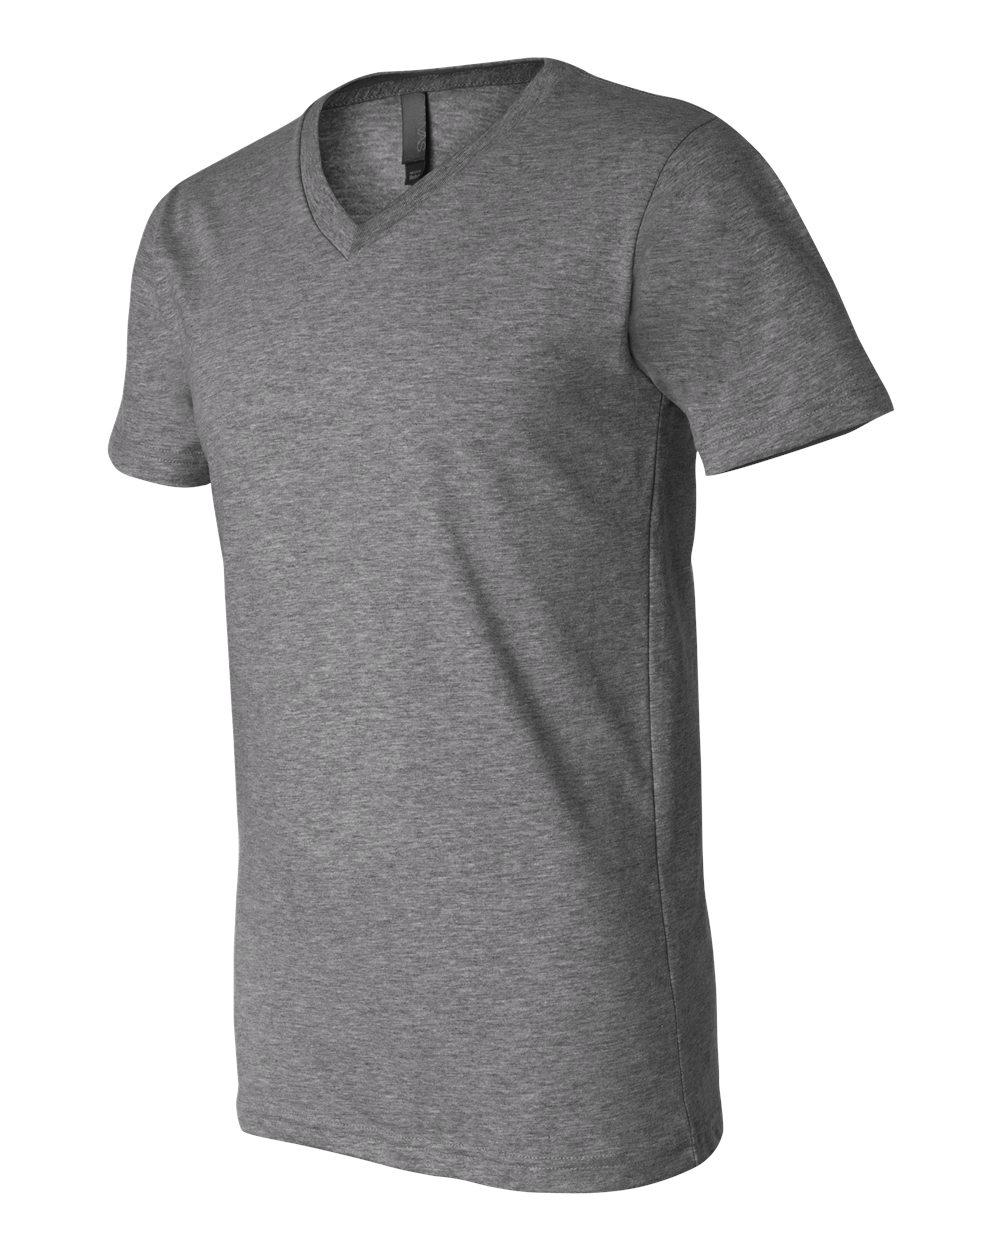 Bella-Canvas-Men-039-s-Jersey-Short-Sleeve-V-Neck-T-Shirt-3005-XS-3XL thumbnail 73